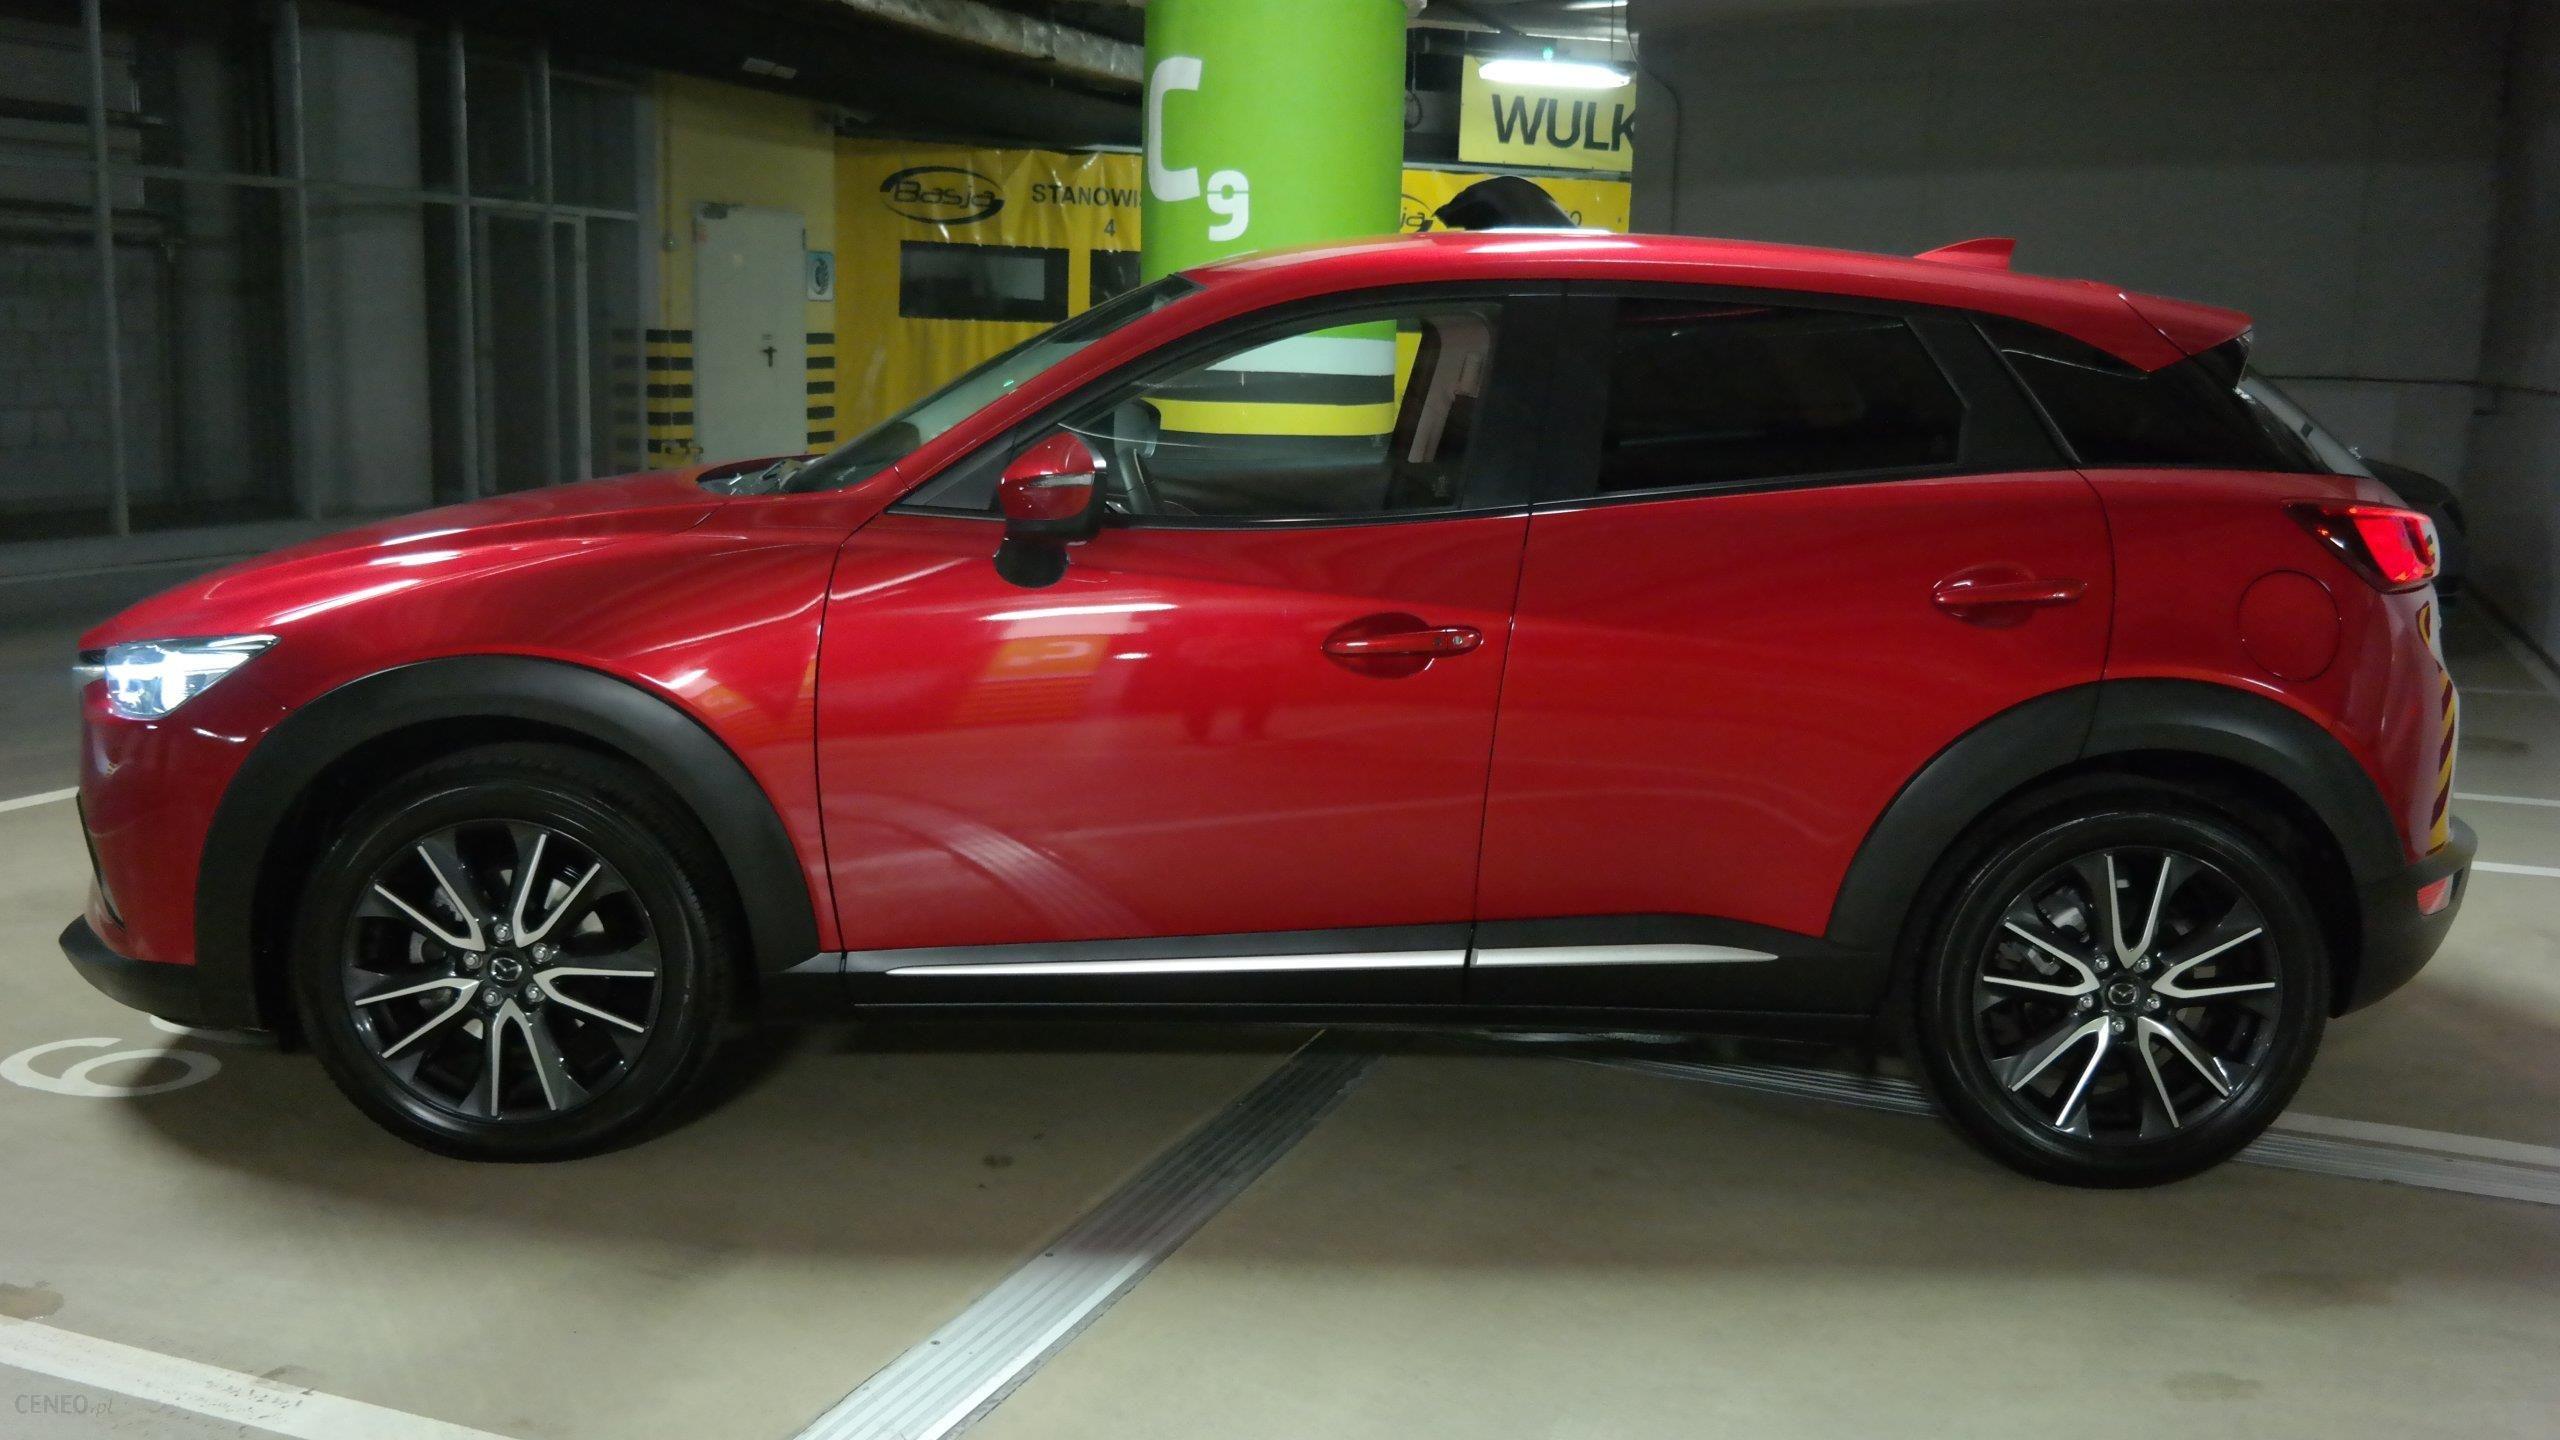 Mazda Cx 3 2017 Benzyna 120km Suv Czerwony Opinie I Ceny Na Ceneo Pl